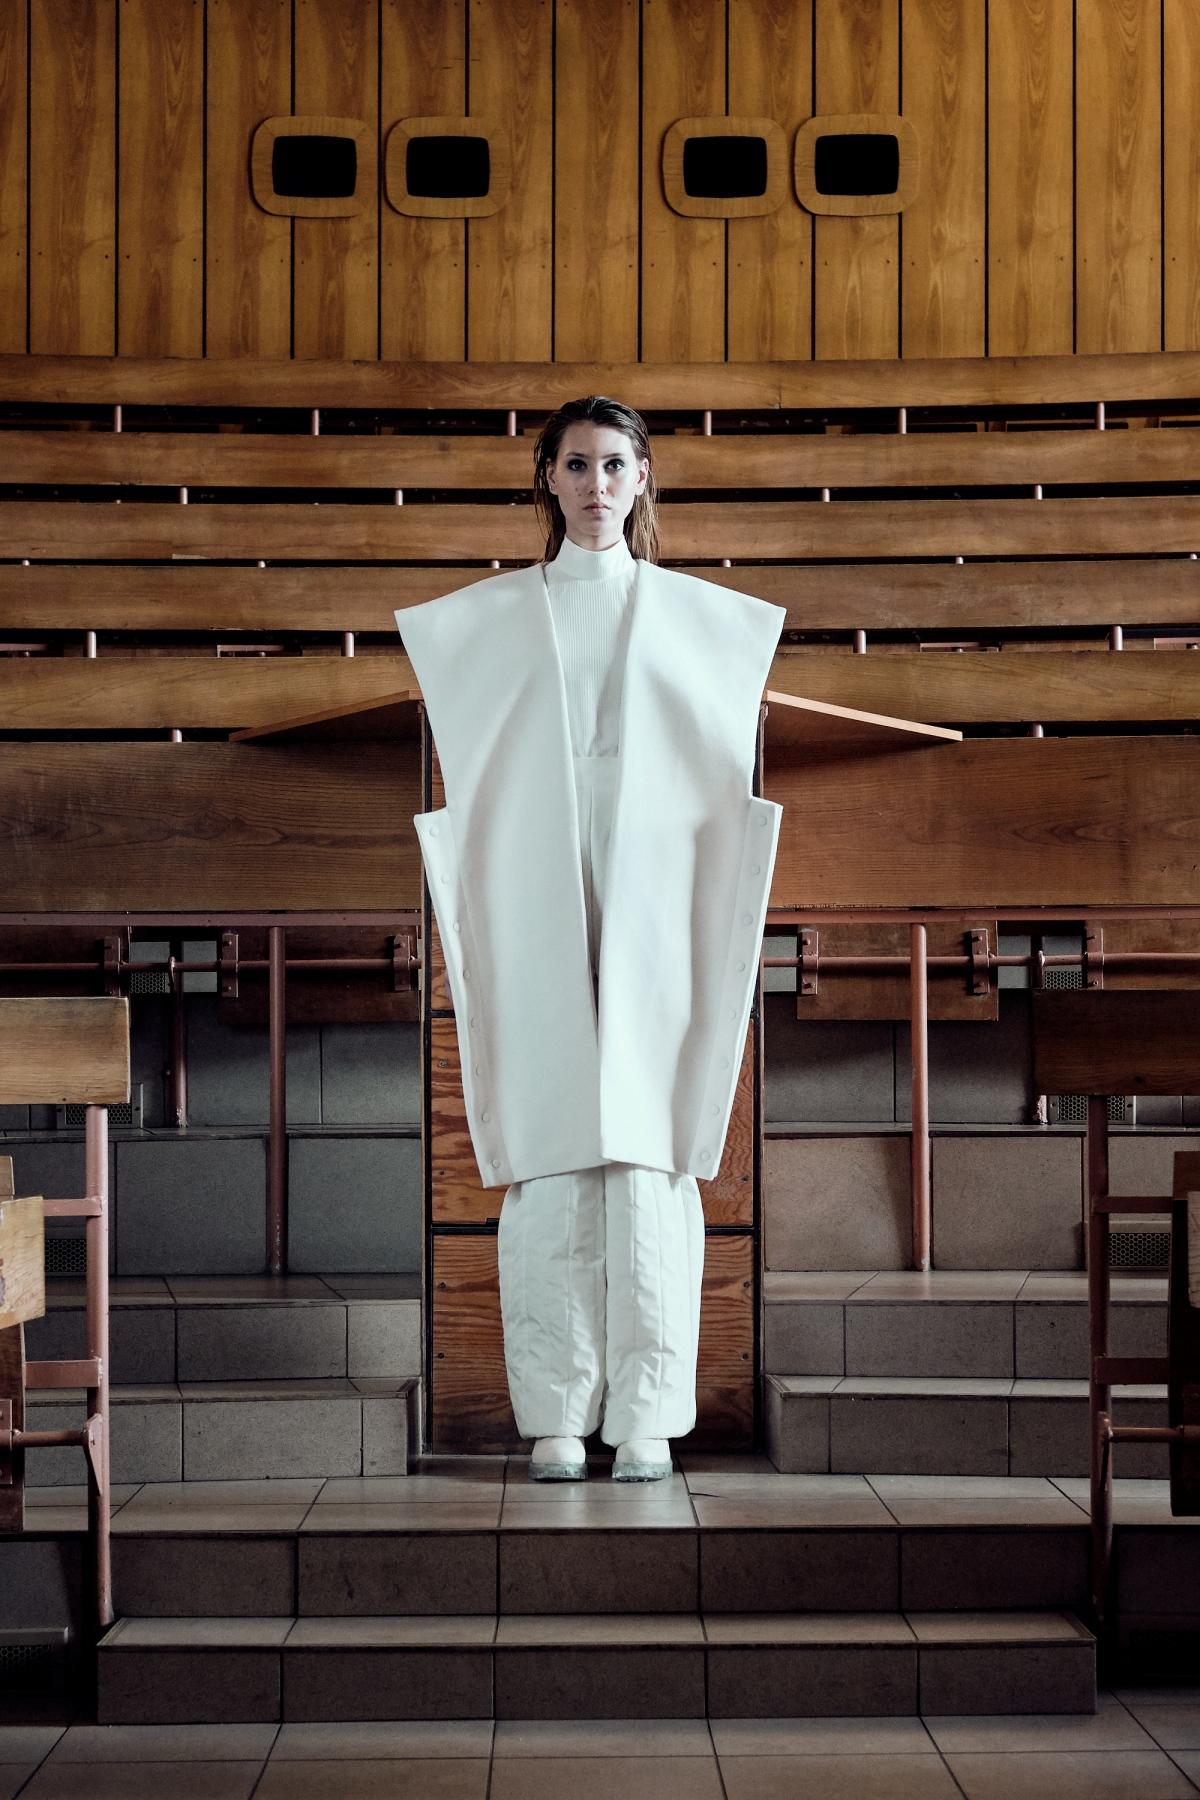 Międzyzmysłowość ubioru